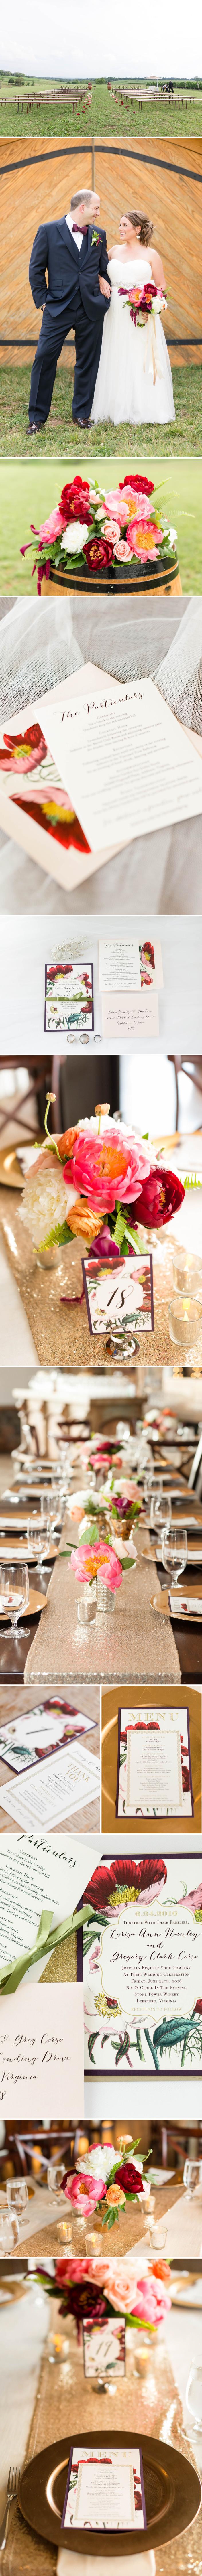 Jewel Tone Boho Glam Wedding